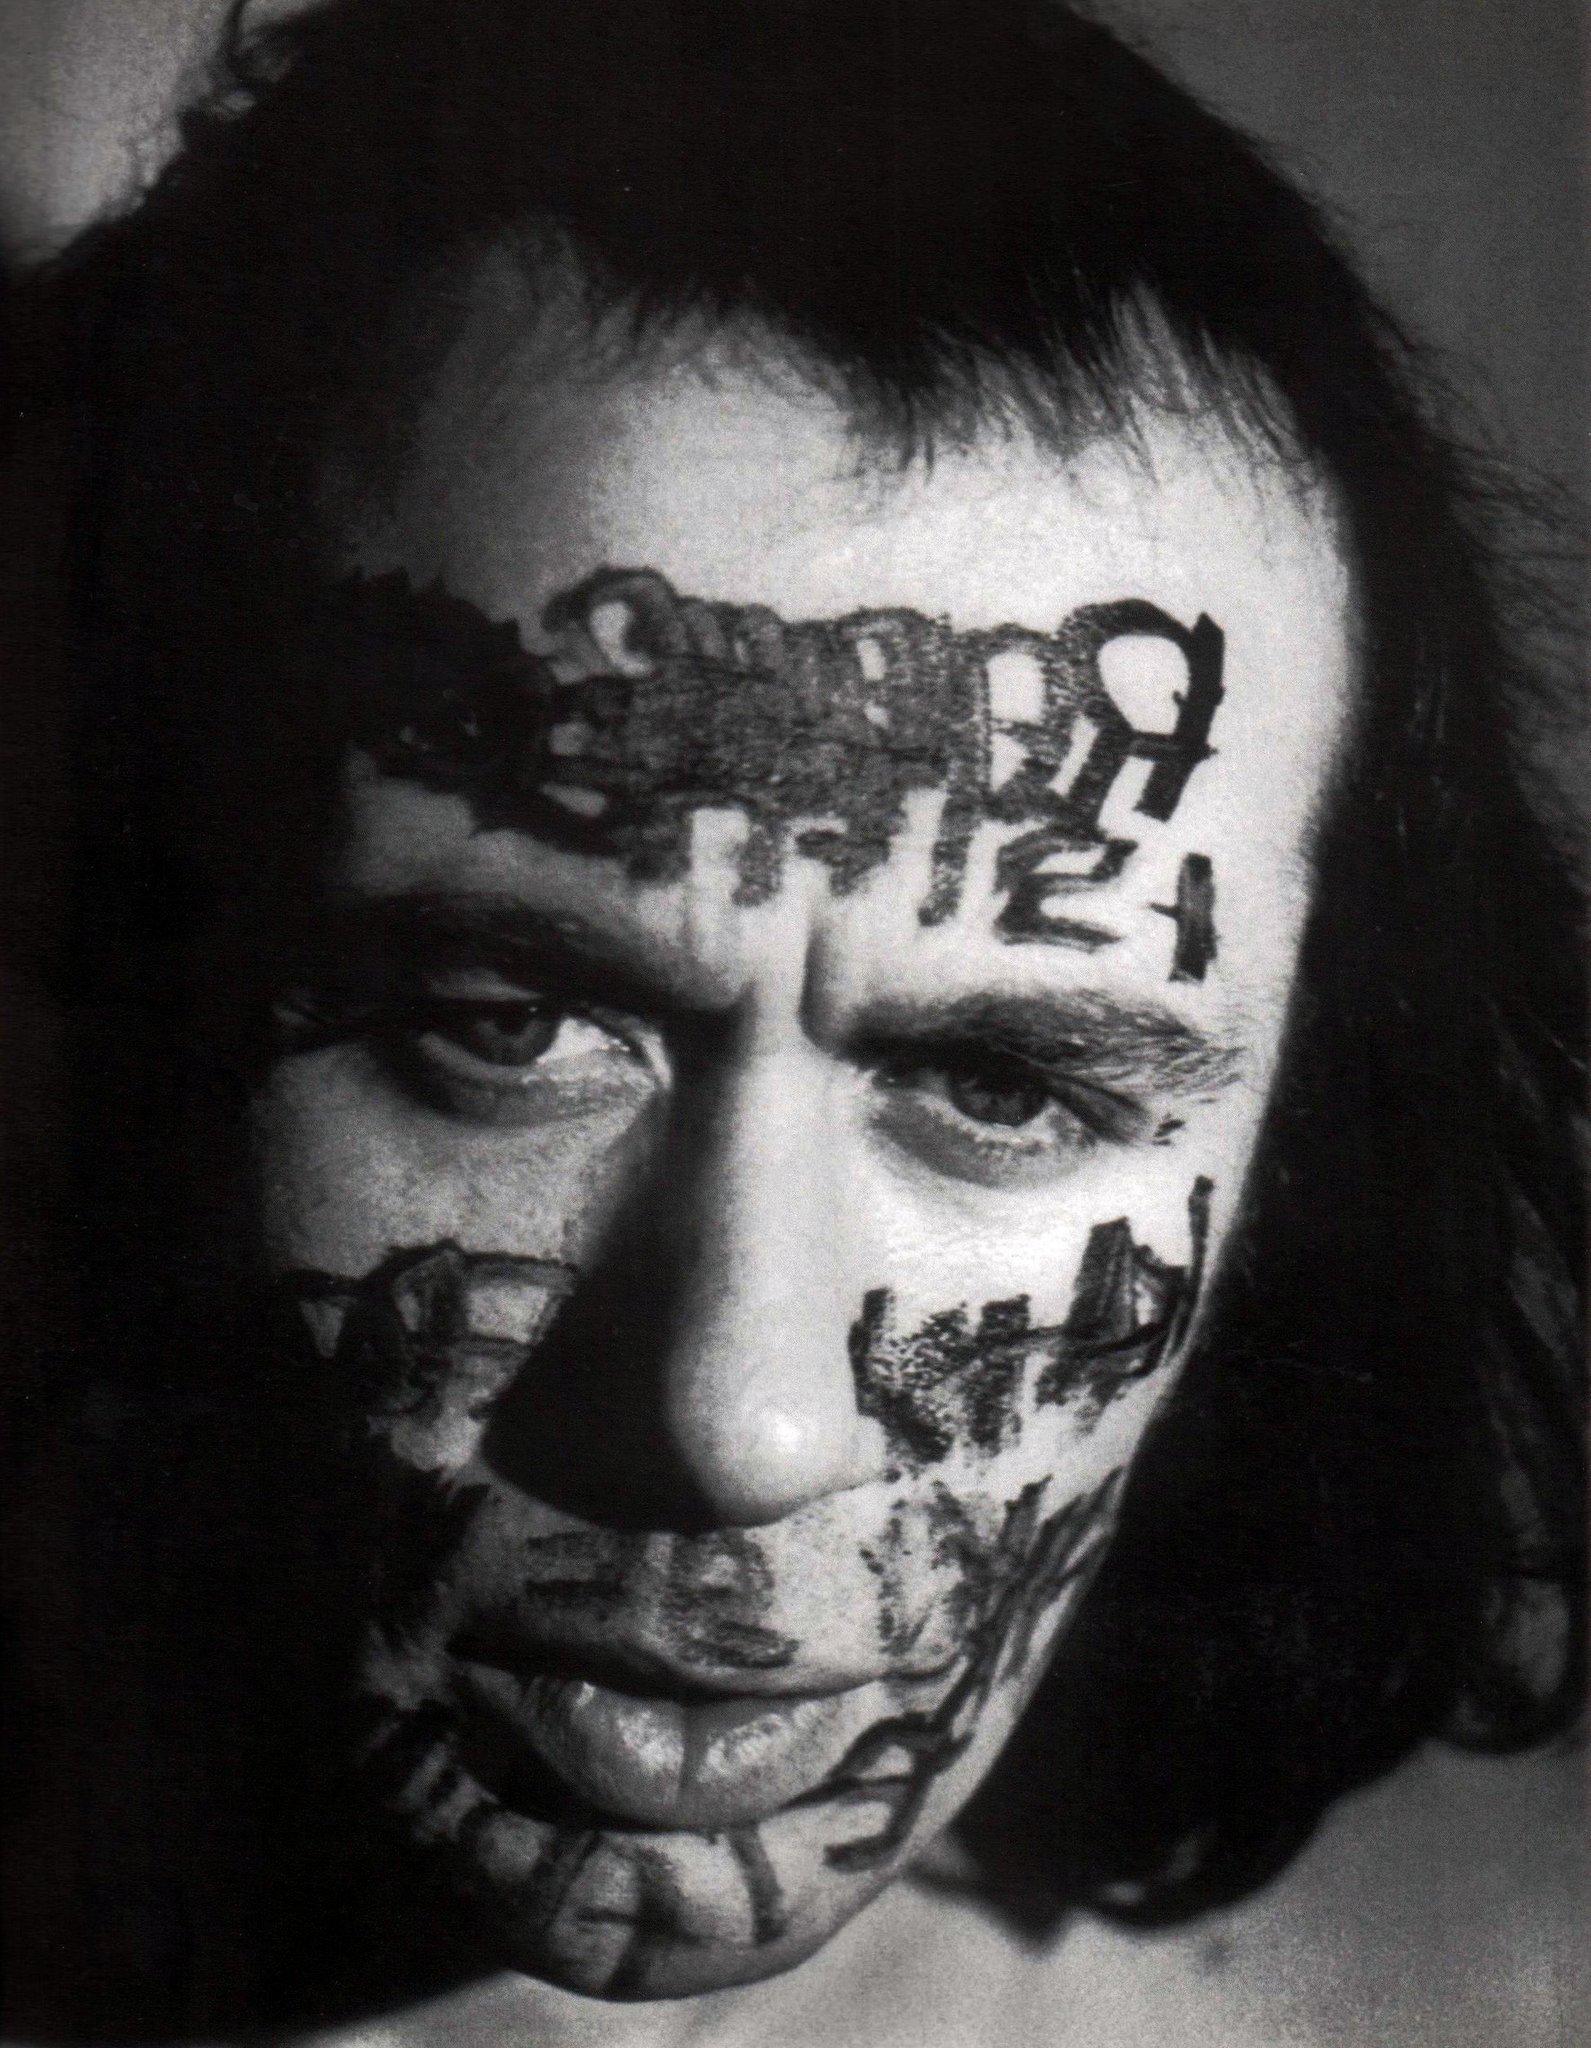 PÚBLICO - Morreu Vito Acconci, o homem que fez da masturbação arte